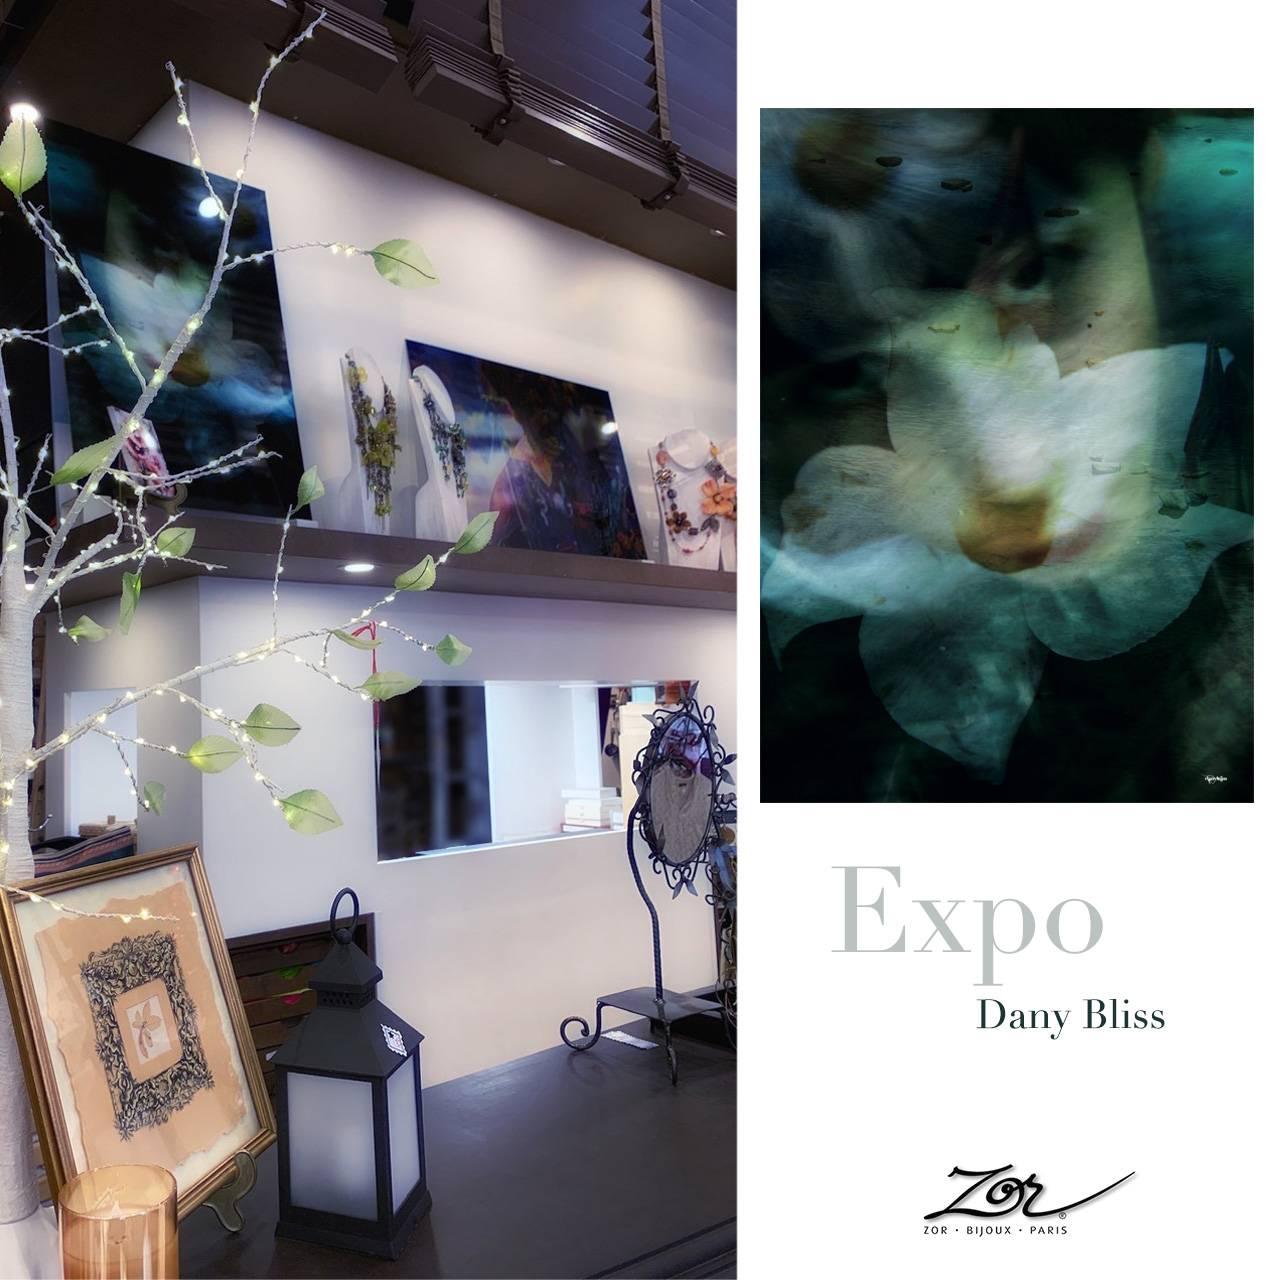 Exposition Digital Painting de Dany Bliss Photographe. Evènement, artiste chez Zor bijou, concept store Paris 2. Création & Artisanat